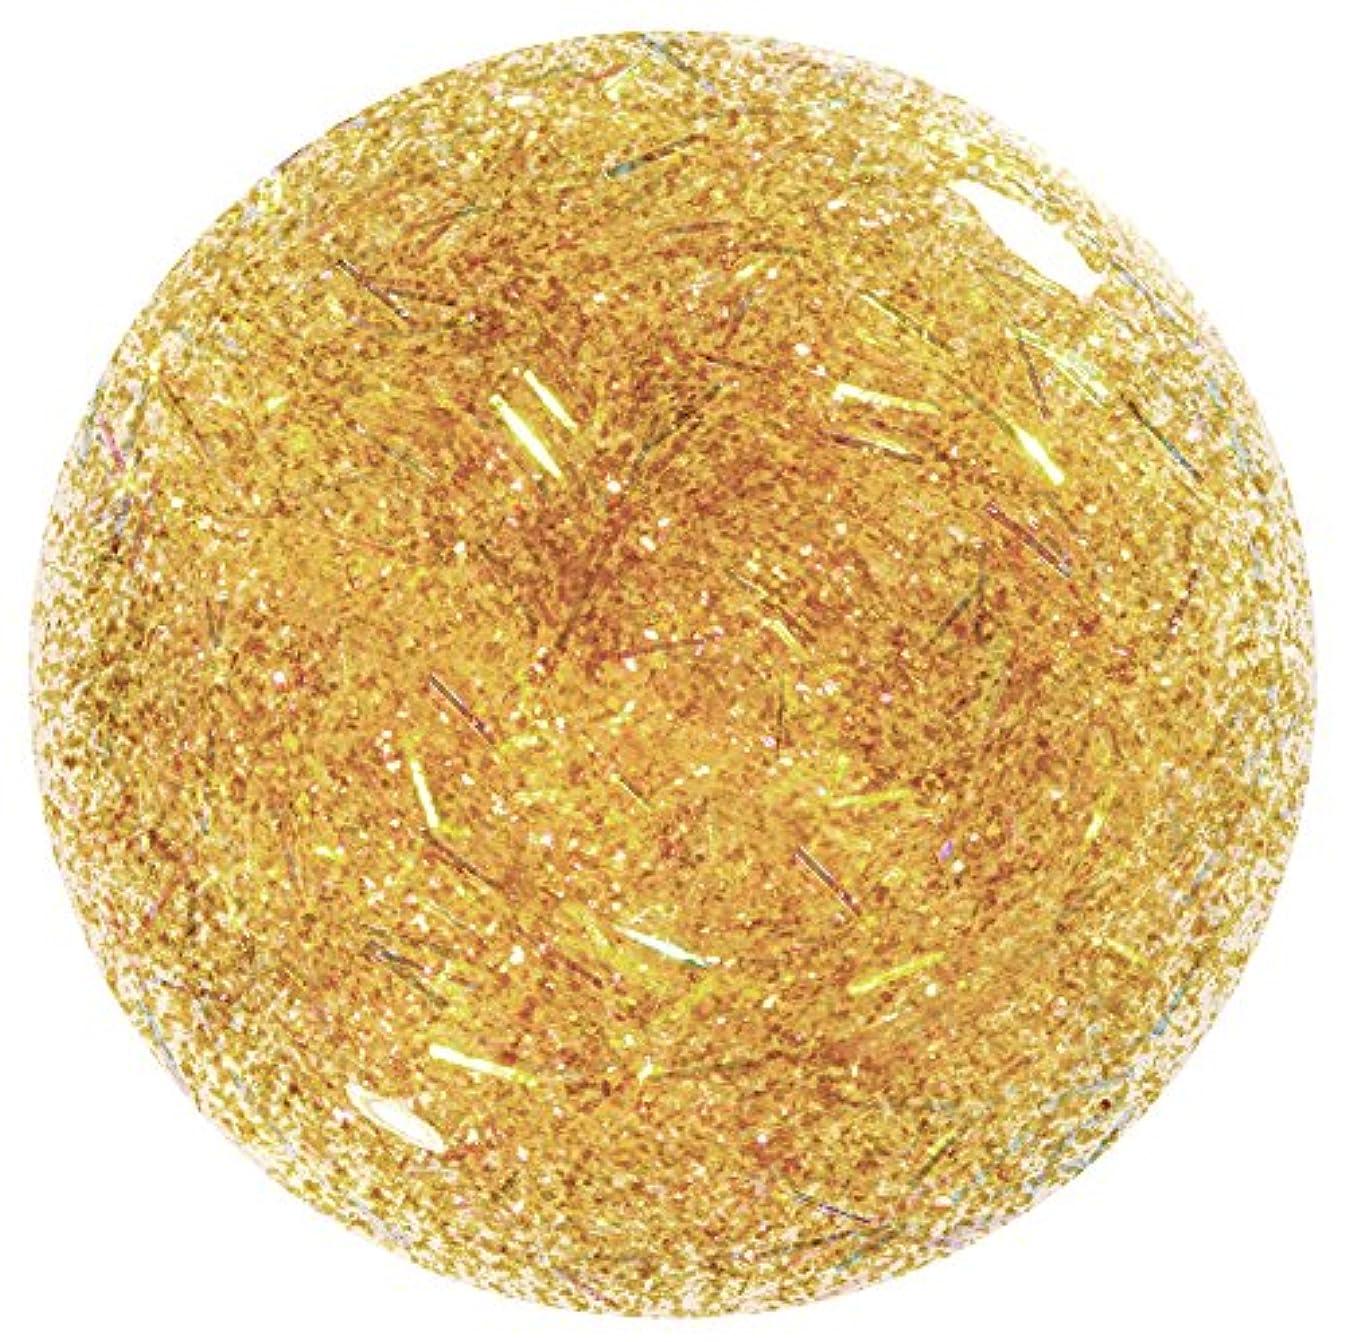 検索エンジンマーケティングコンセンサス真面目なOrly GelFX Gel Polish - Electric Fusion Glitter - 0.3oz / 9ml